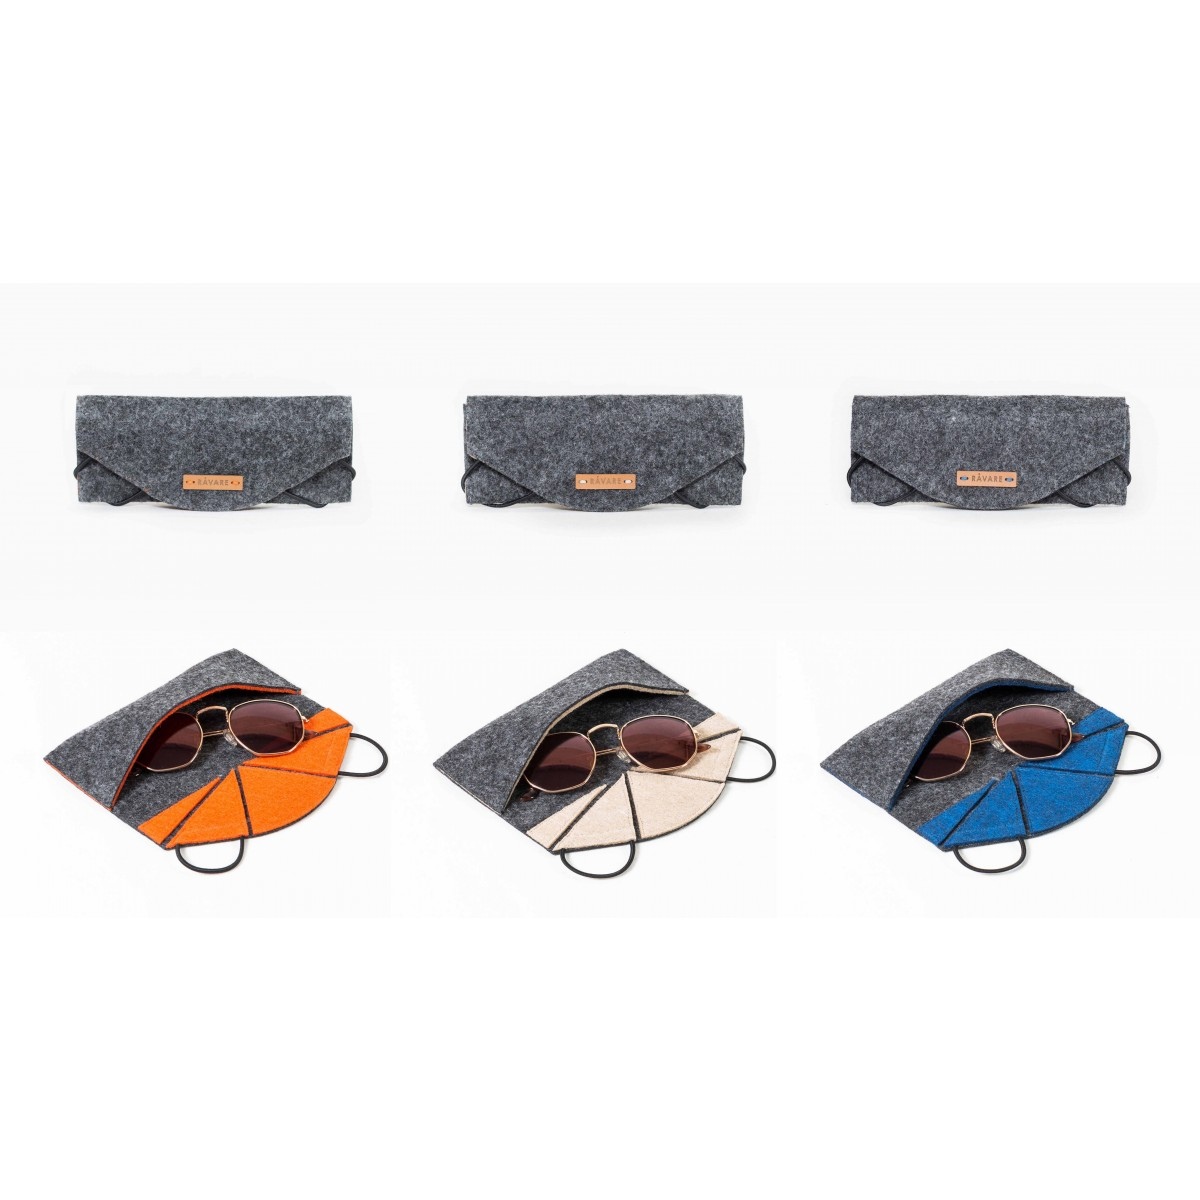 RÅVARE Sonnenbrillenetui, Brillenetui in verschiedenen Farben [ROEL]